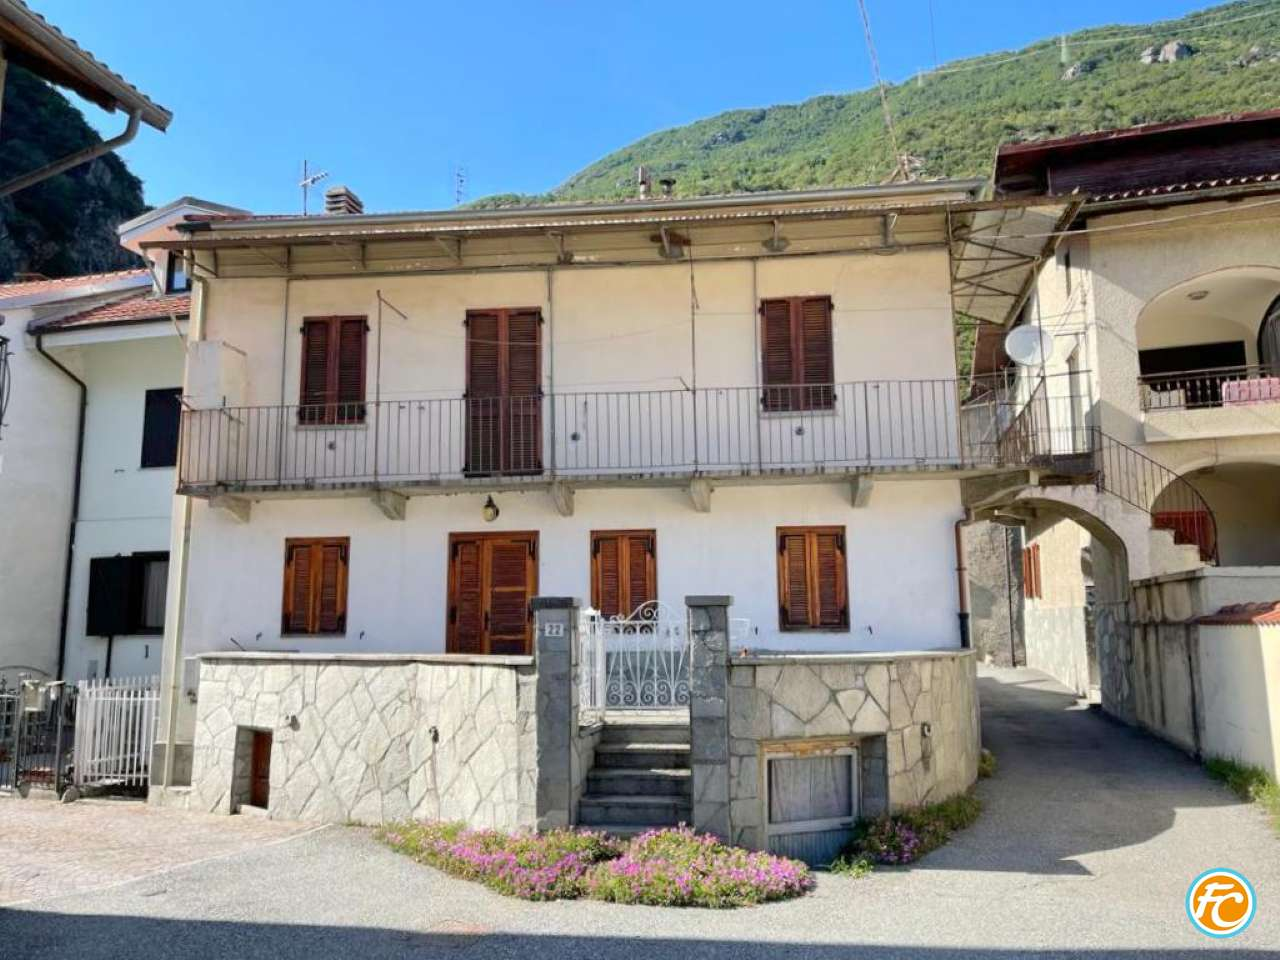 Appartamento in vendita a Borgone Susa, 2 locali, prezzo € 28.500 | PortaleAgenzieImmobiliari.it